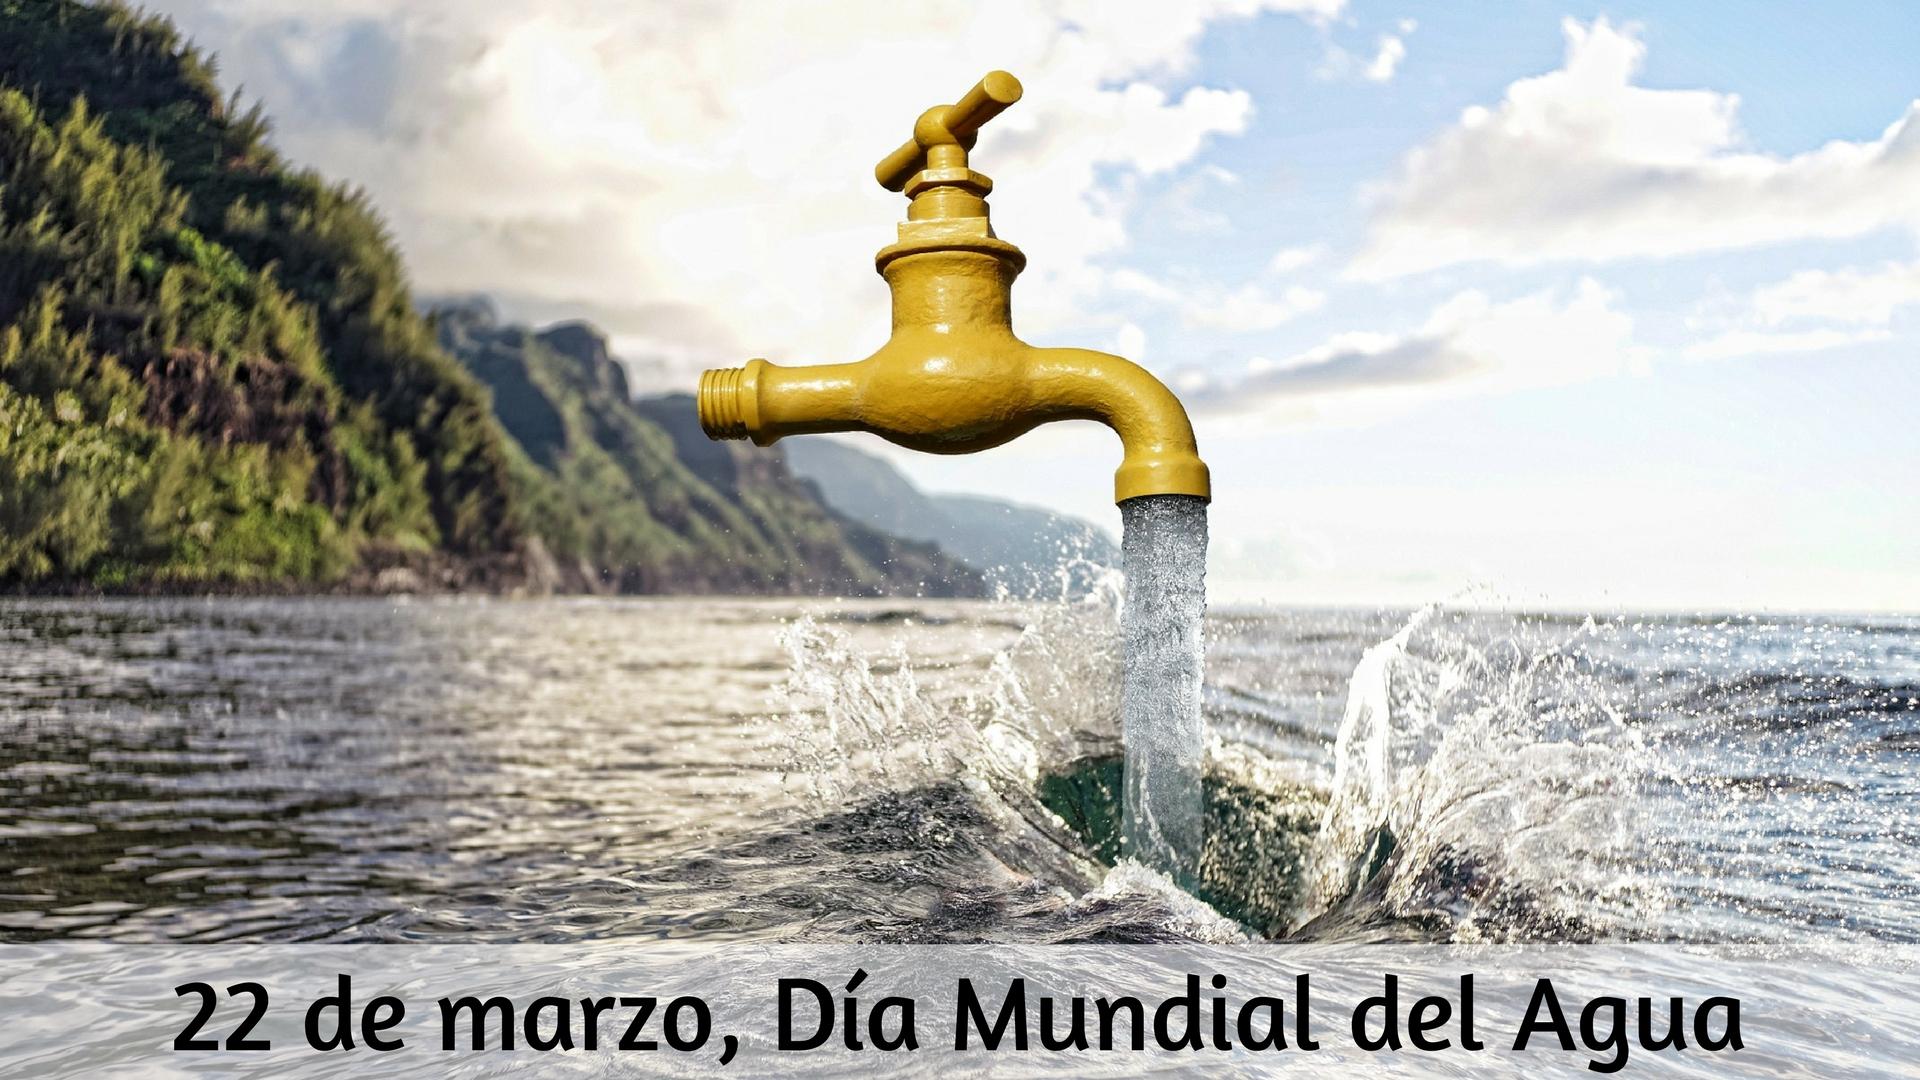 La necesidad de no desperdiciar el agua y reutilizarla 1920